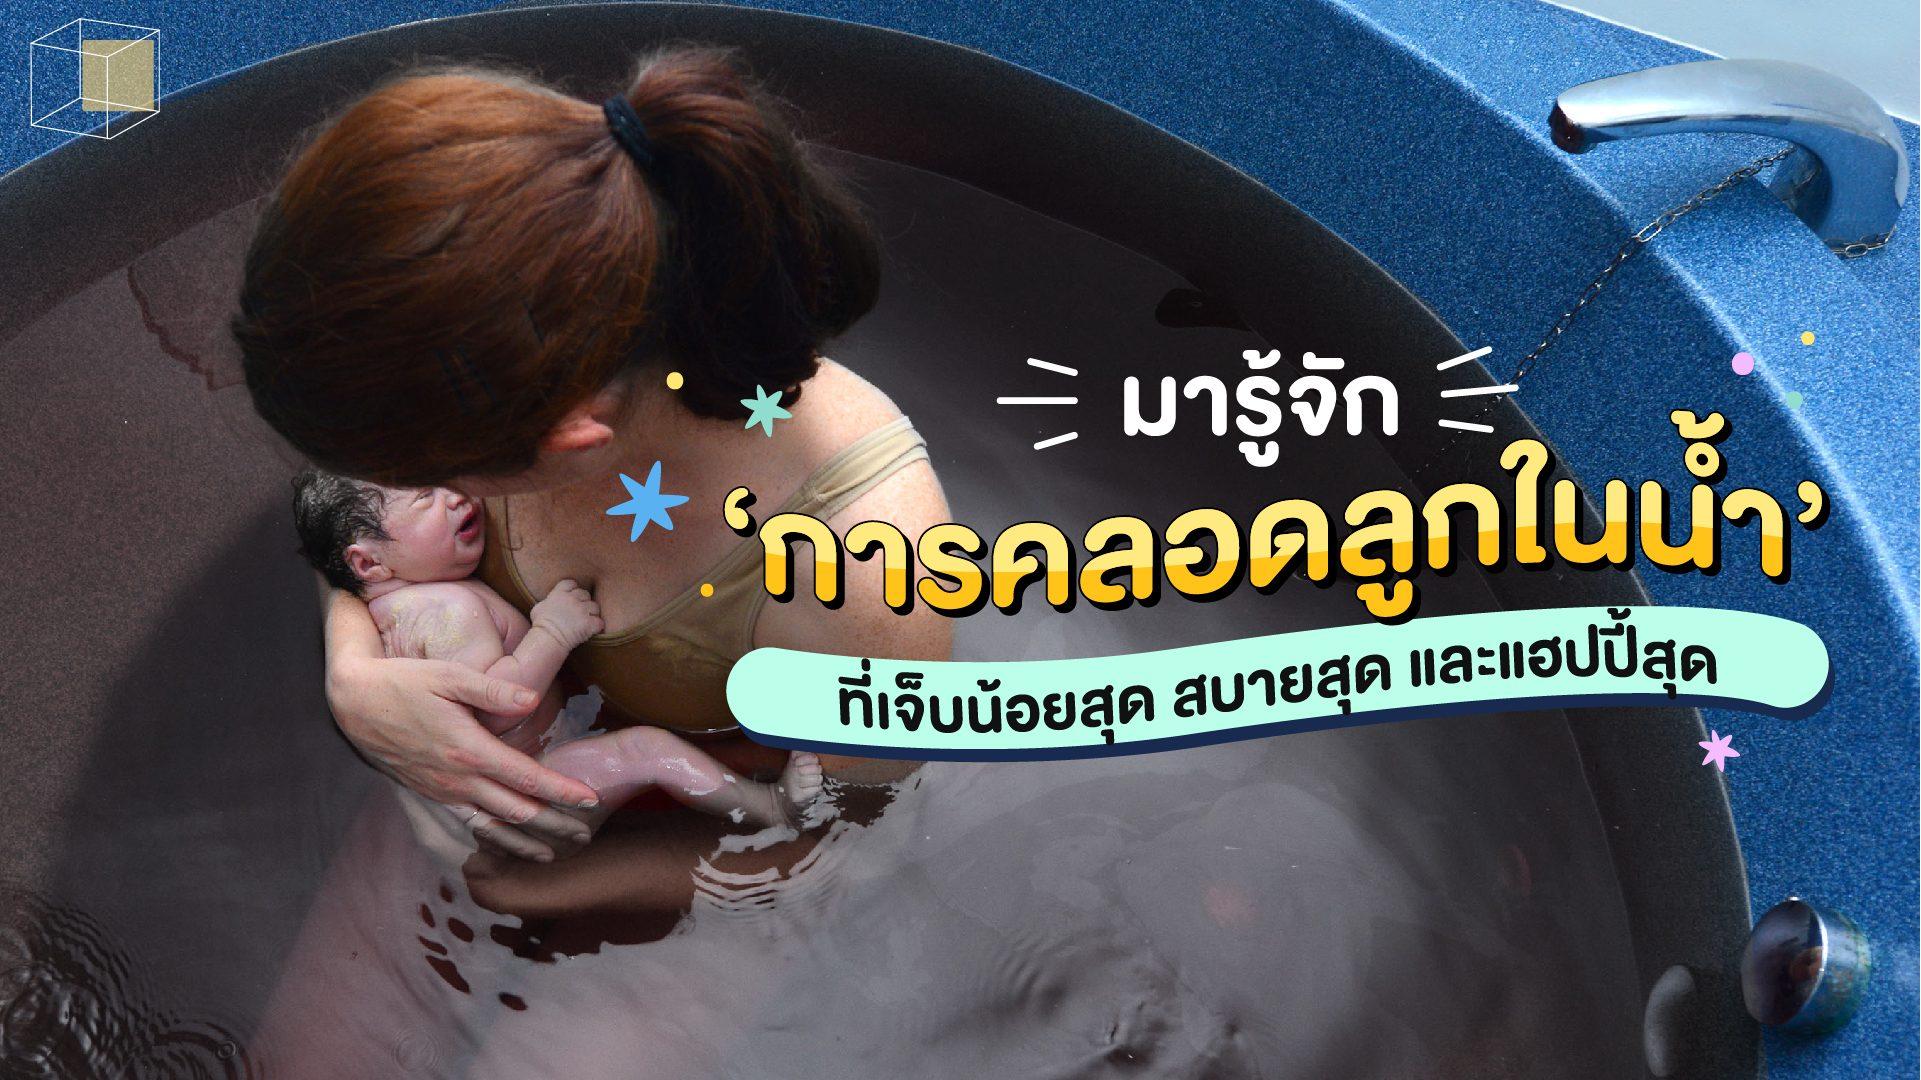 หน้าปกของการคลอกลูกในน้ำ